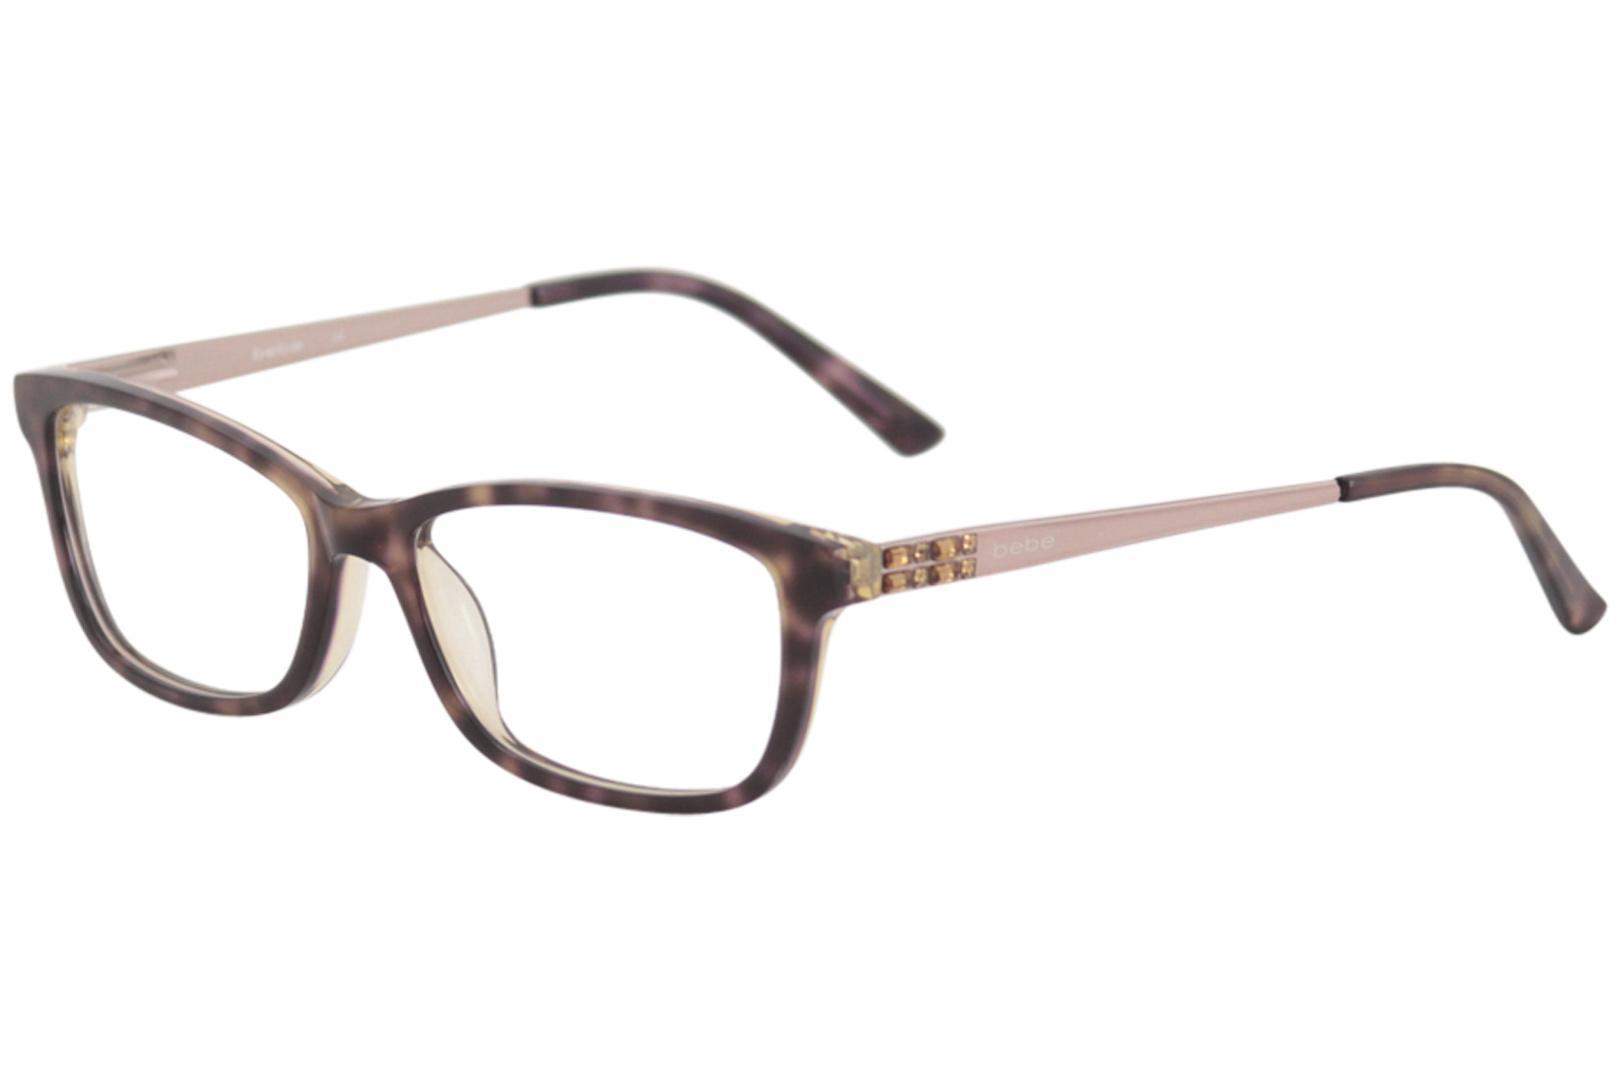 e08511c720 Bebe Women s Love the Nightlife Eyeglasses BB5084 BB 5084 Full Rim ...